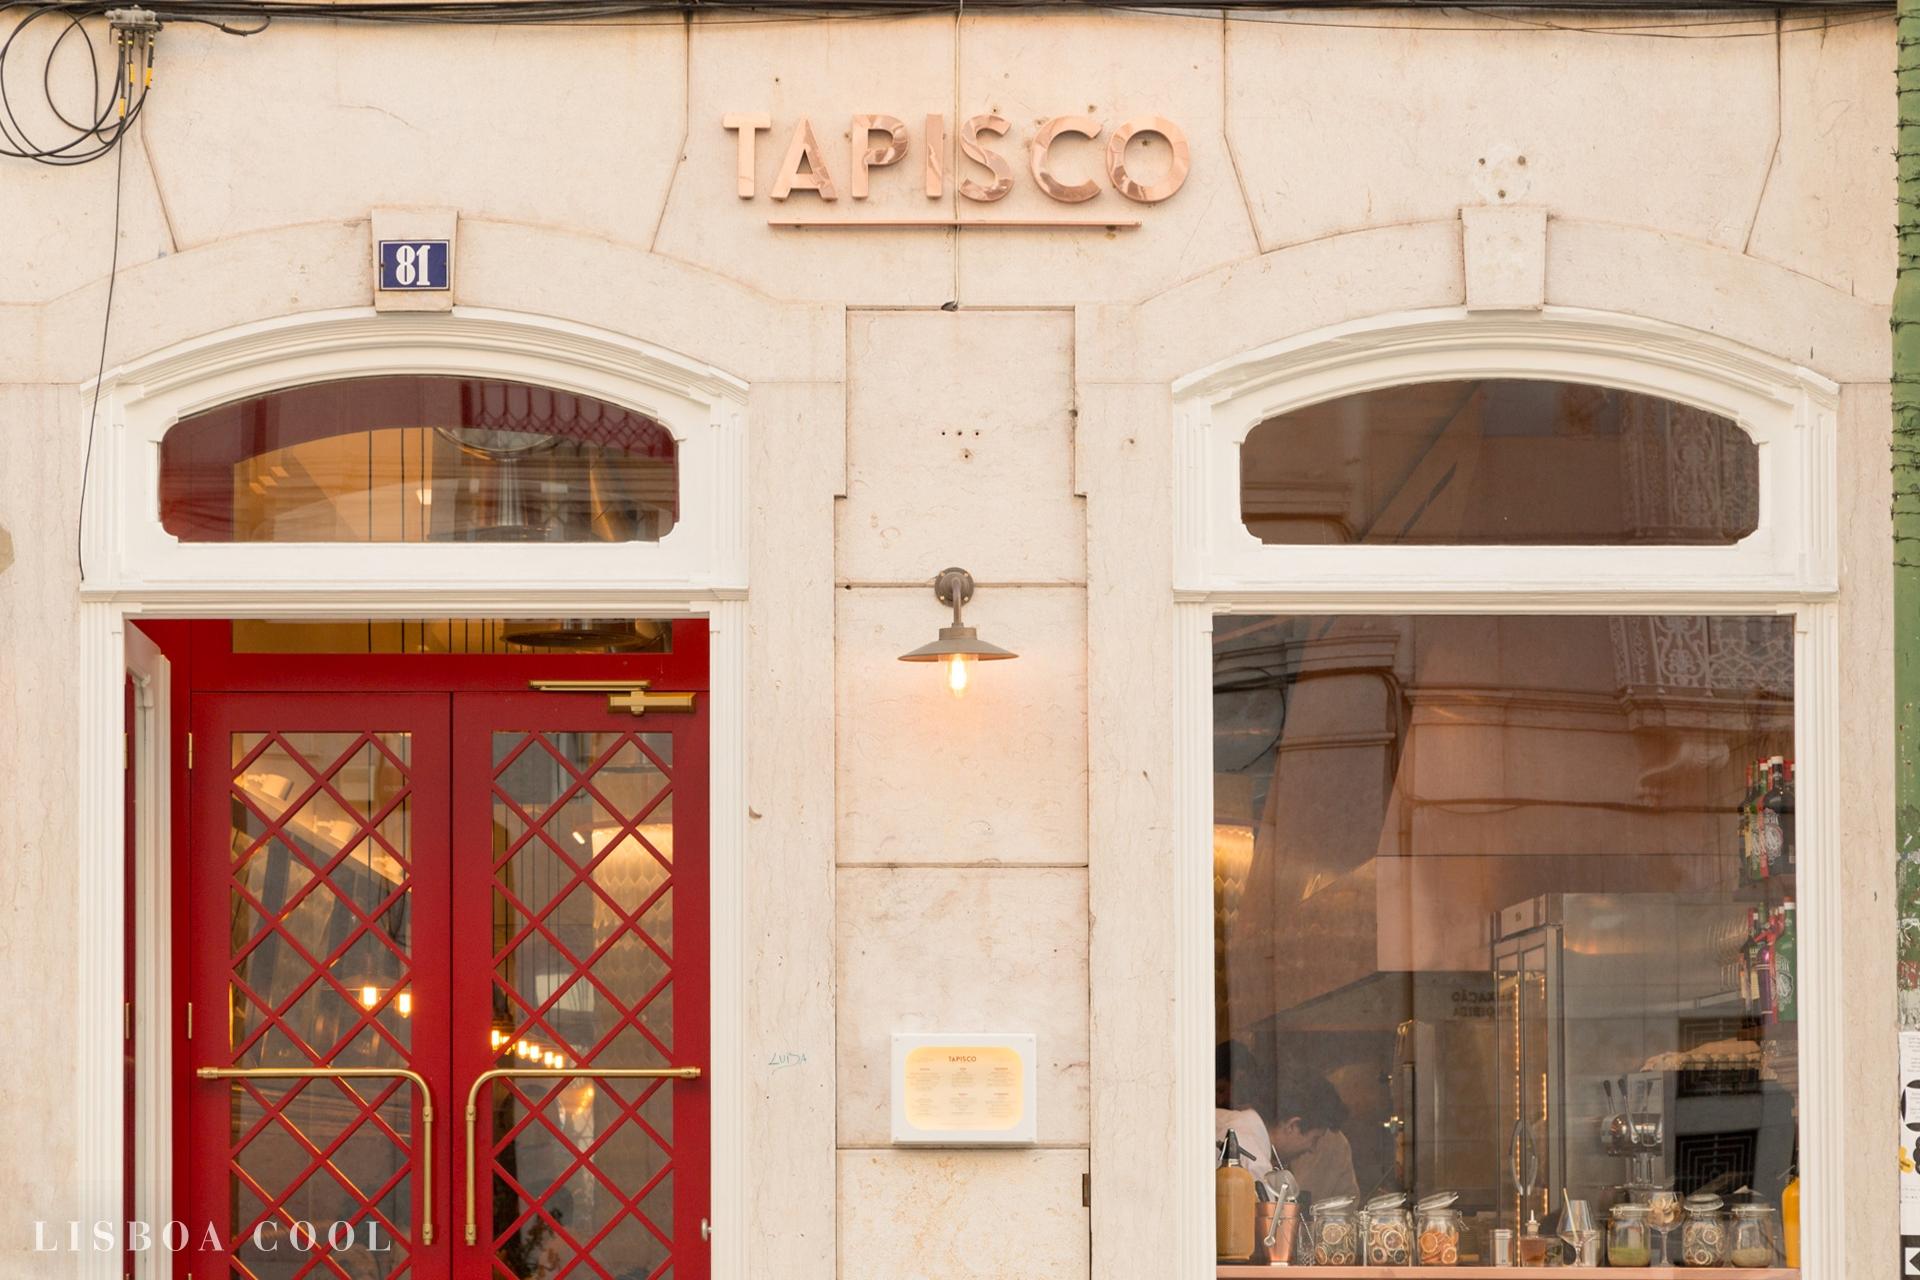 lisboa_cool_comer_tapisco